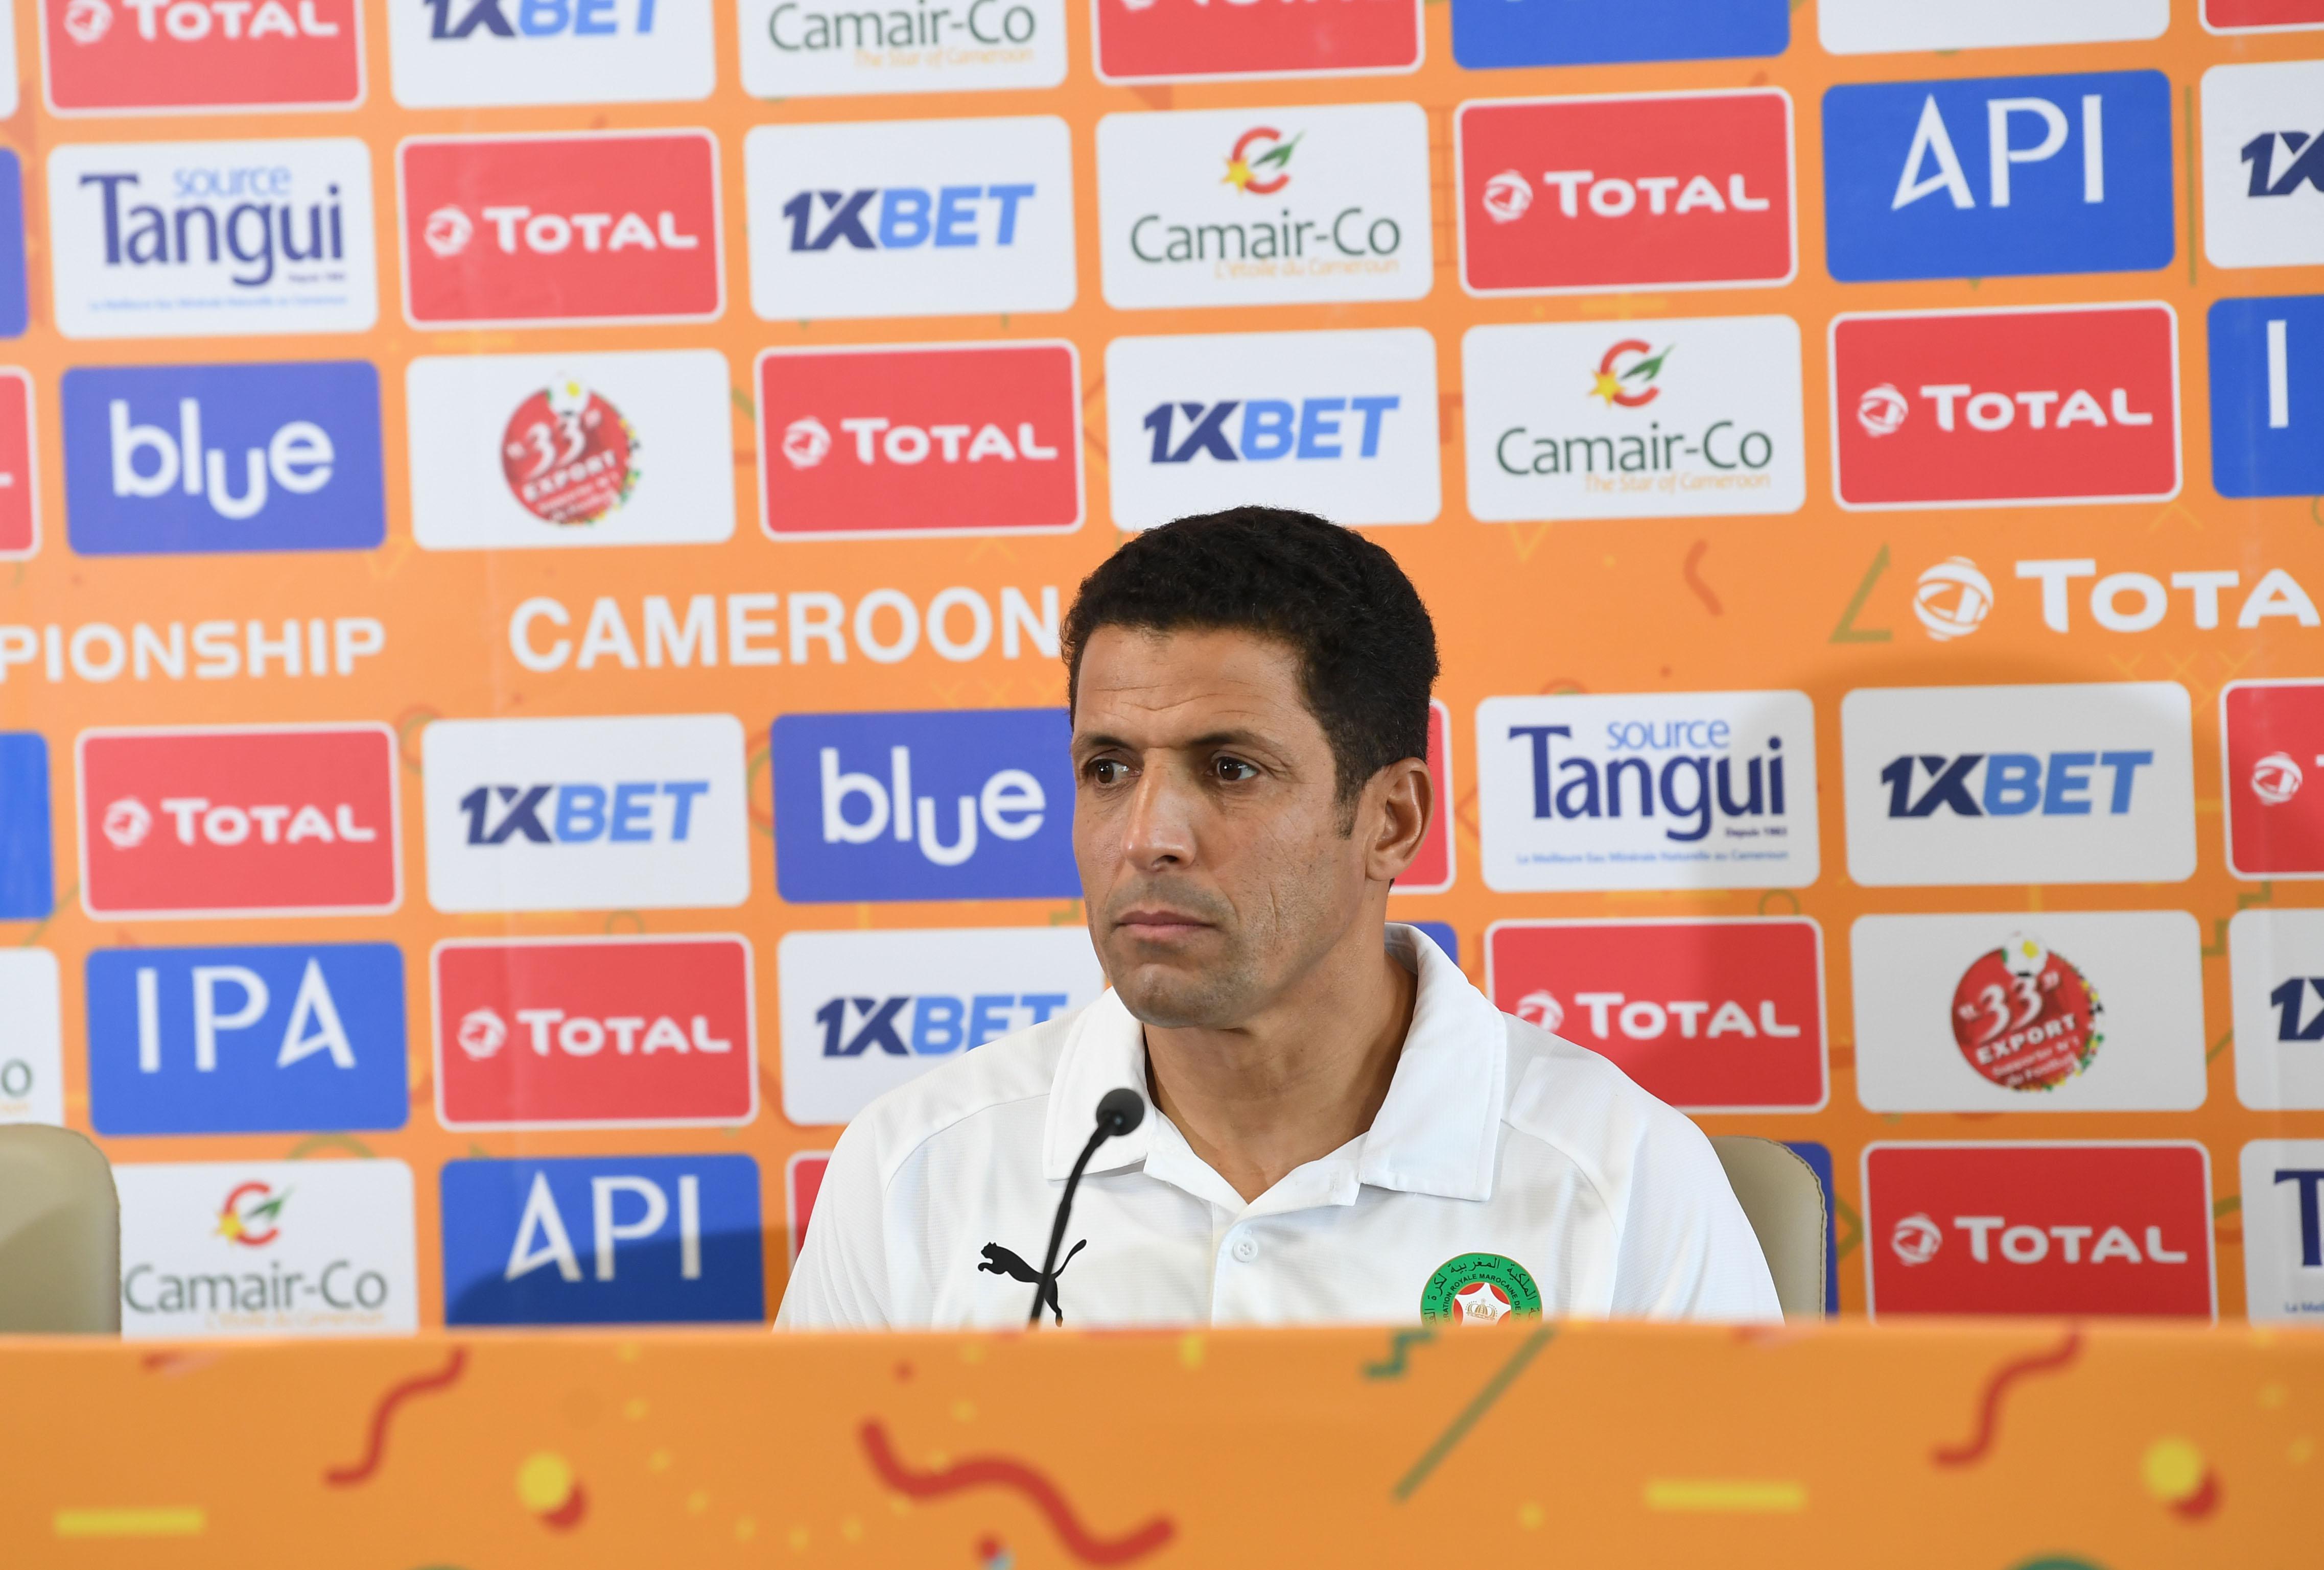 عموتة: حذرت اللاعبين من المنتخب الرواندي